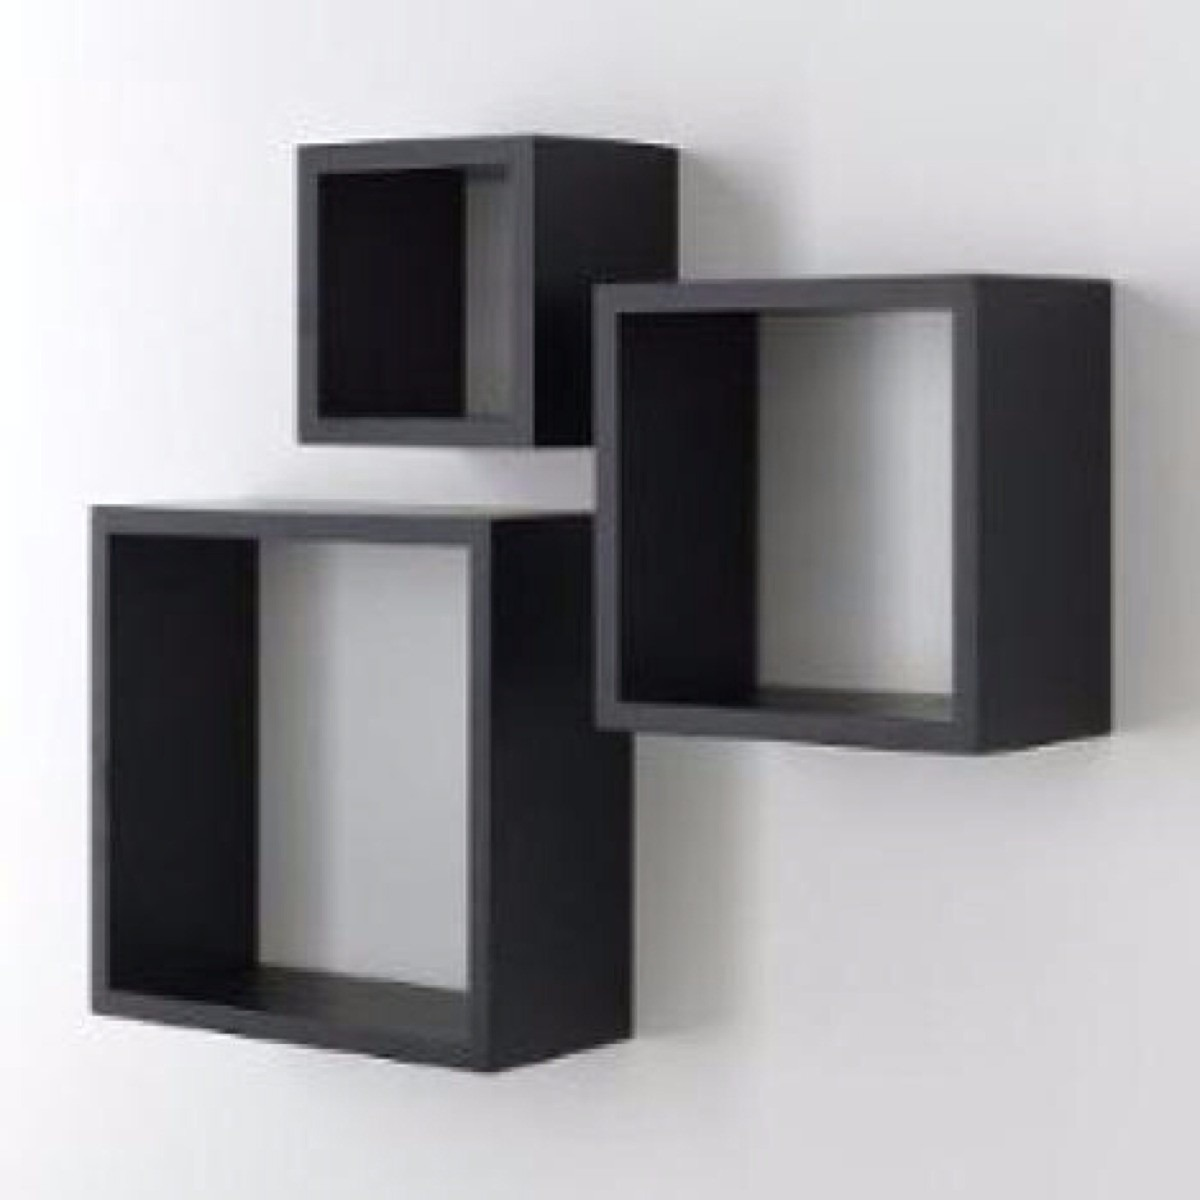 Mueble y decoracion repisa cubos flotante minimalista 20cm for Mueble de 5 repisas